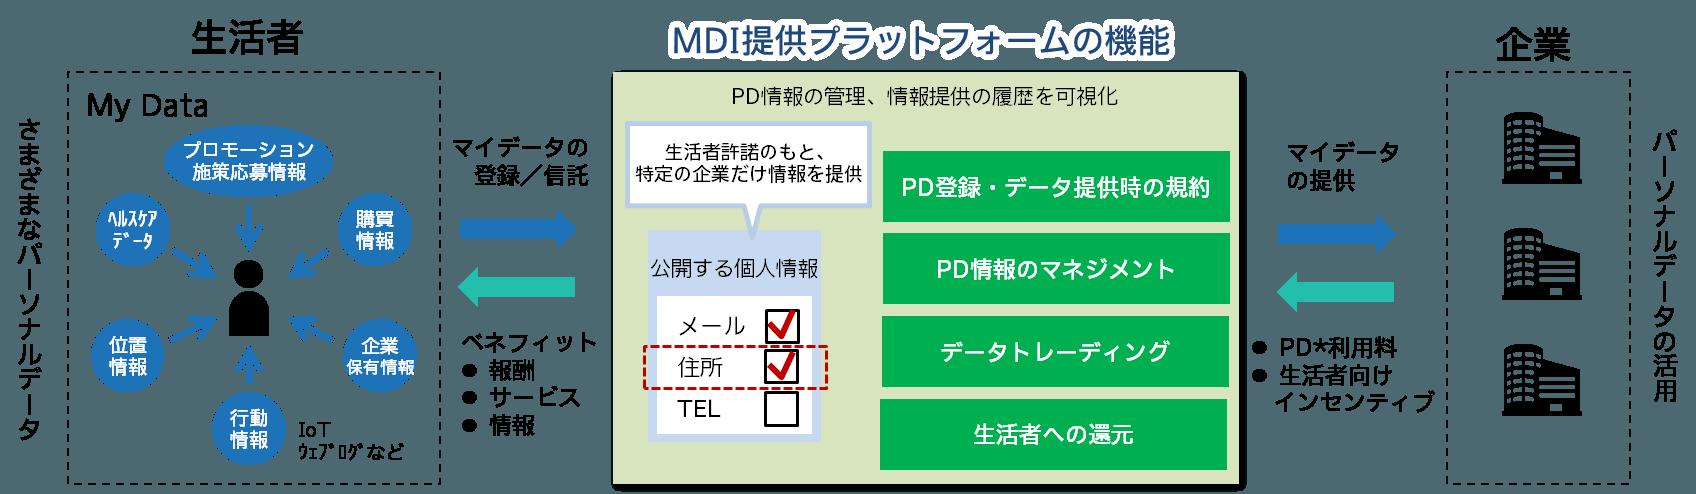 株式会社マイデータ・インテリジェンス